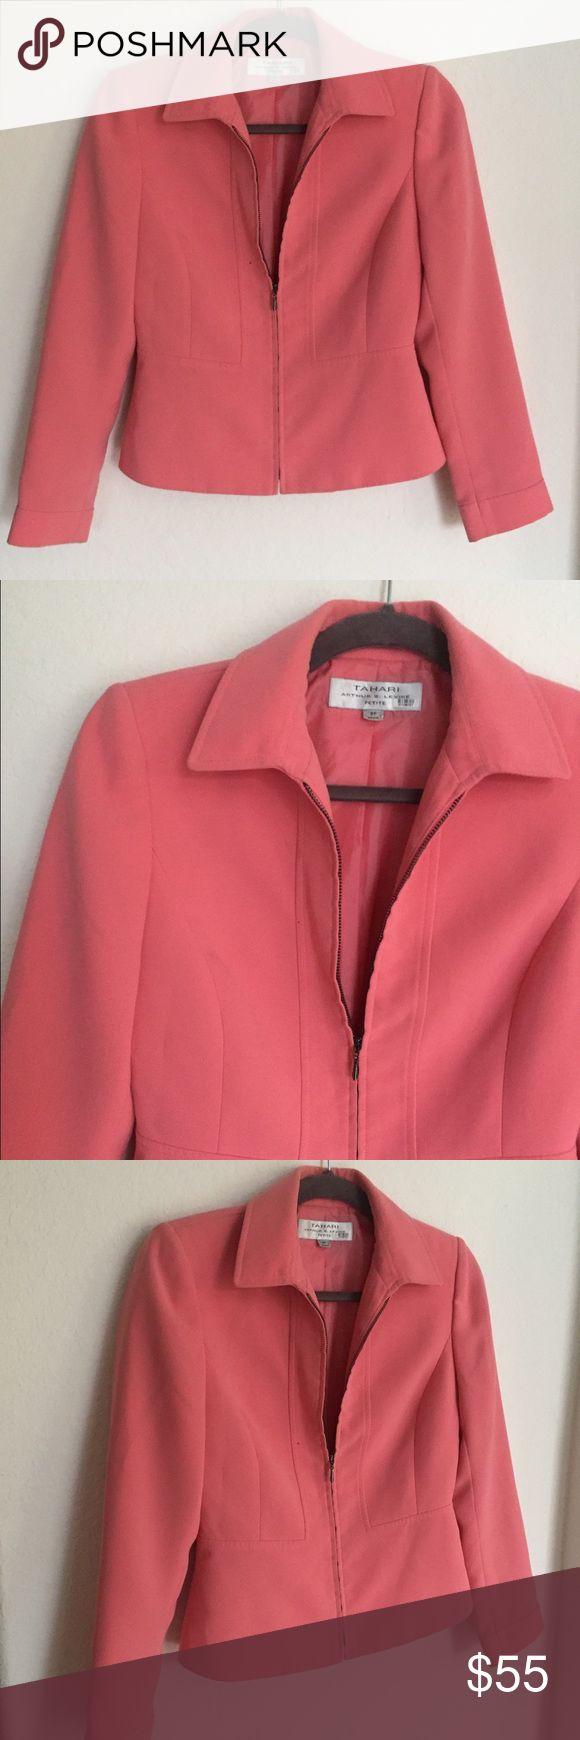 Tahari Coral Zip Up Blazer Tahari Coral Zip Up Blazer  size 2 Petite Tahari Jackets & Coats Blazers